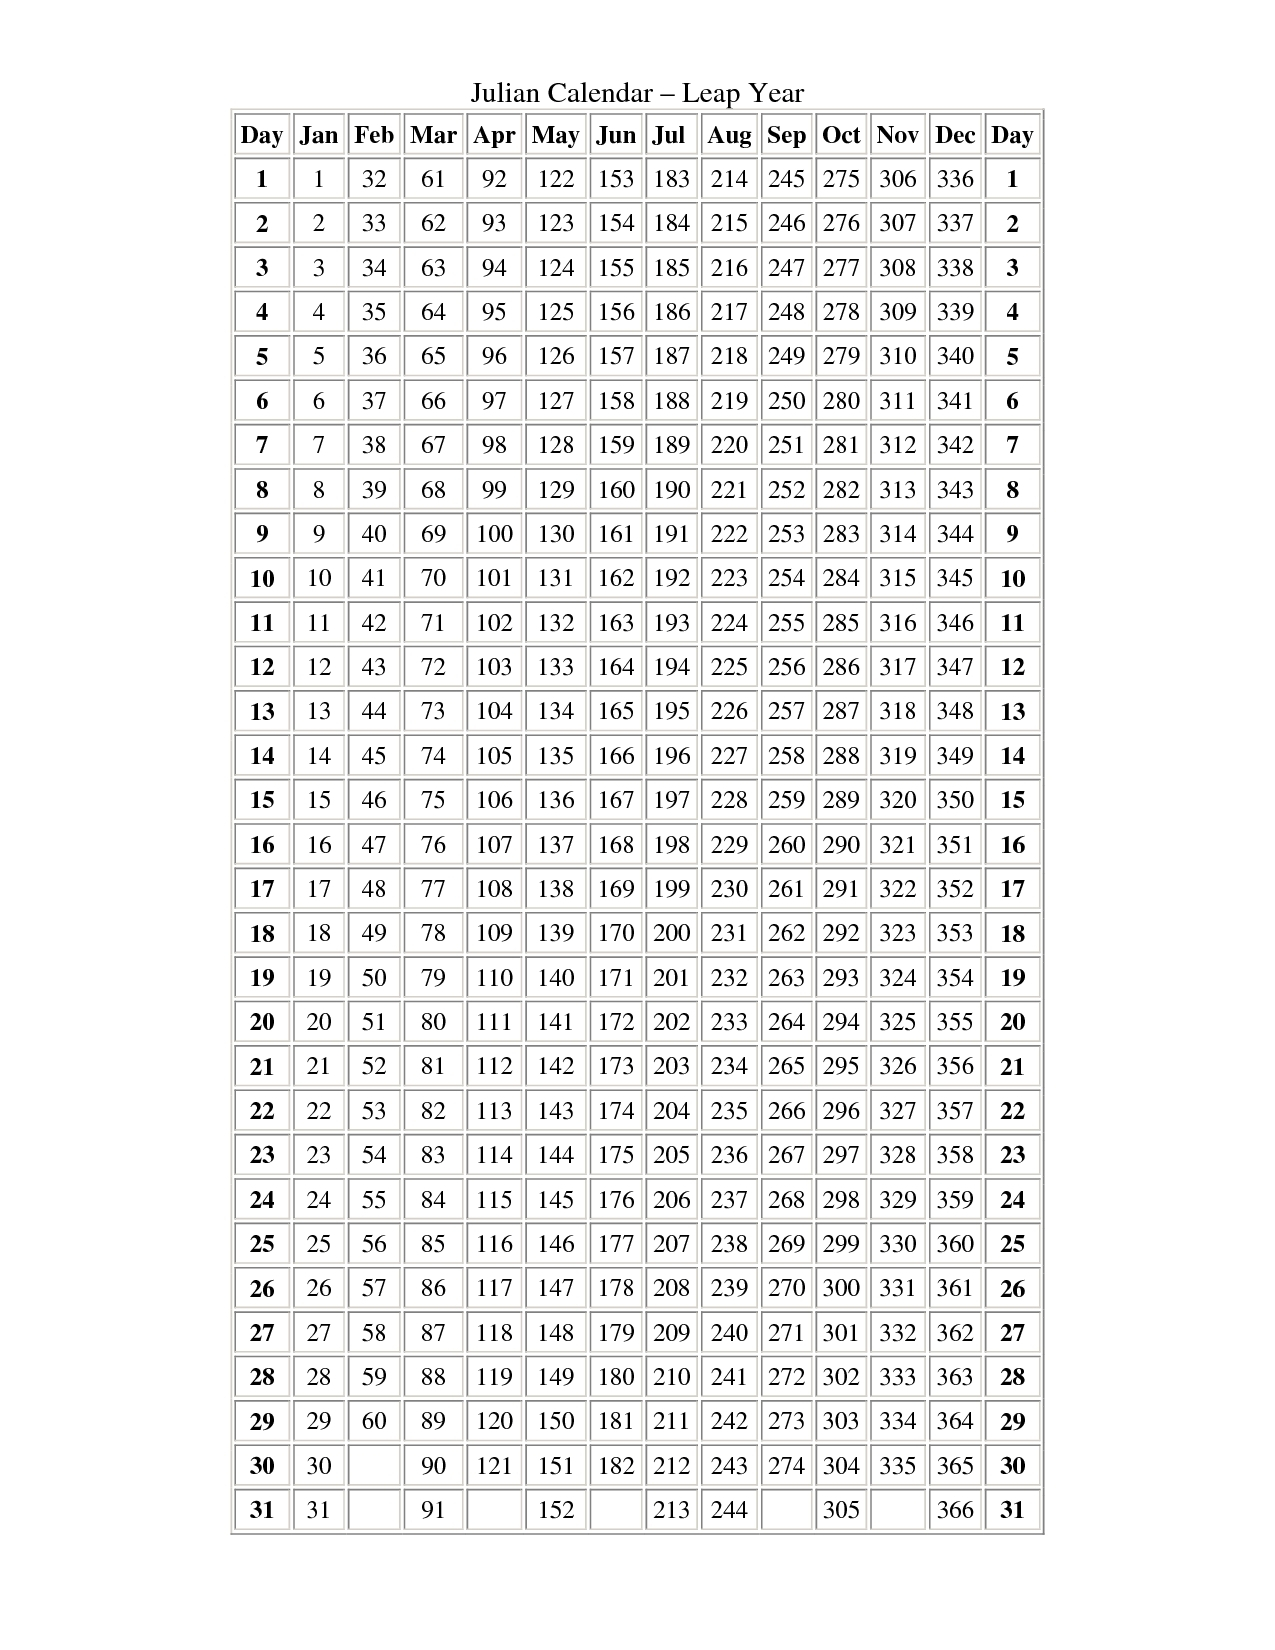 Julian Calendar No Leap Year  Calendar Inspiration Design for Julian Date Calendar 2020